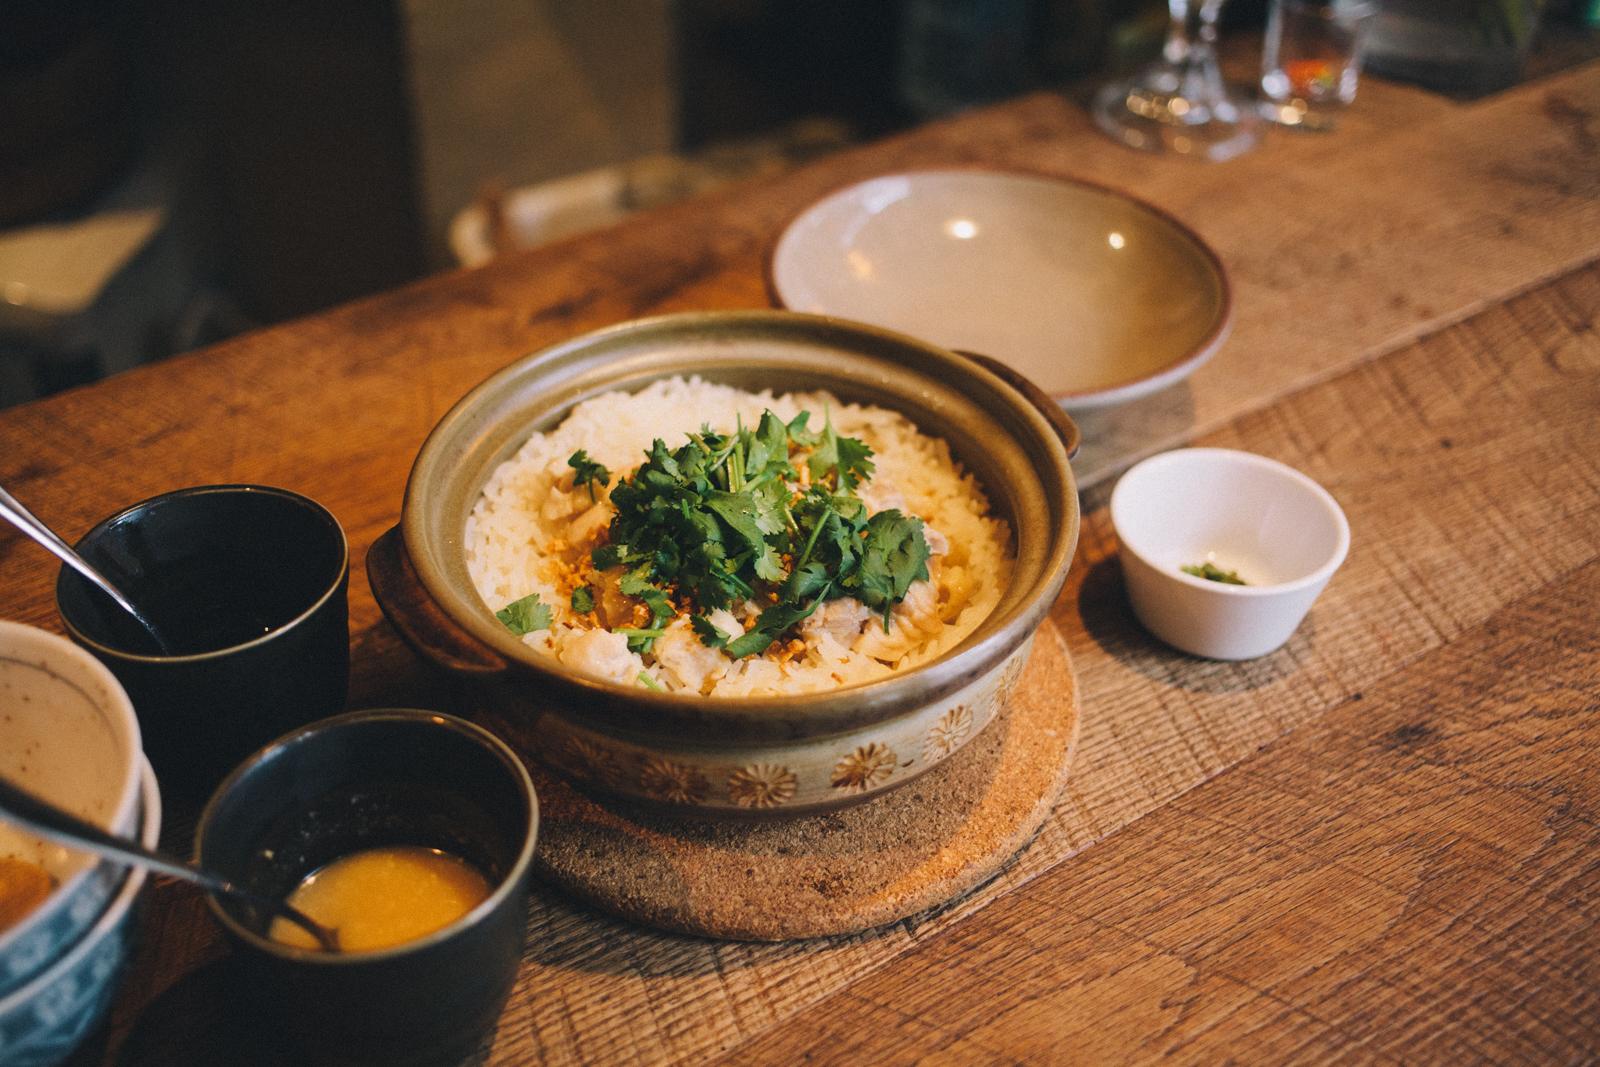 代々木上原 tanadiner タナダイナー タイ料理 蒸し鶏土鍋ご飯